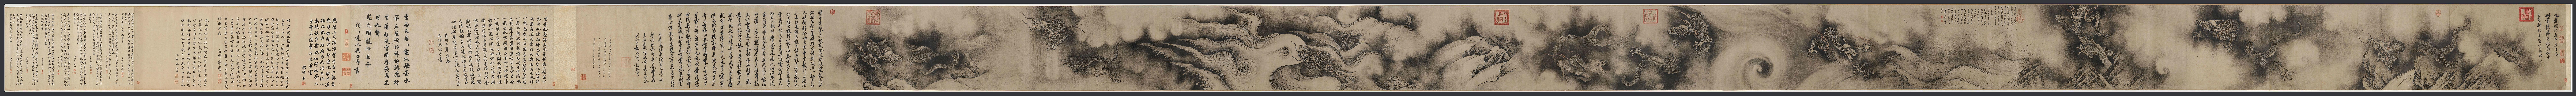 gu kaizhi - image 10